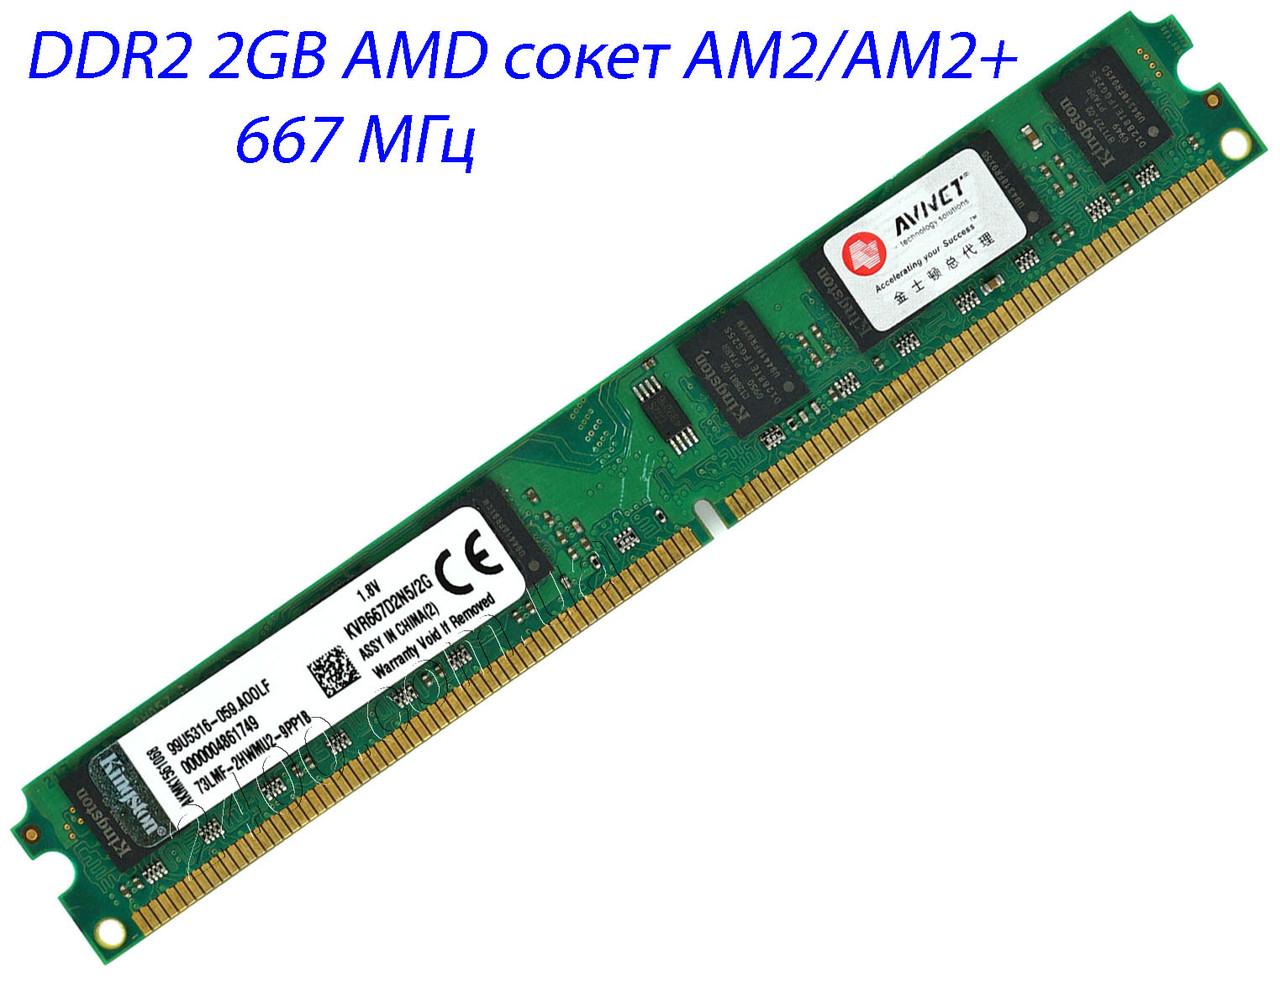 Оперативная память DDR2 2GB AMD для AM2/AM2+, KVR667D2N5/2G 667 MHz PC2-5300 (2048MB)